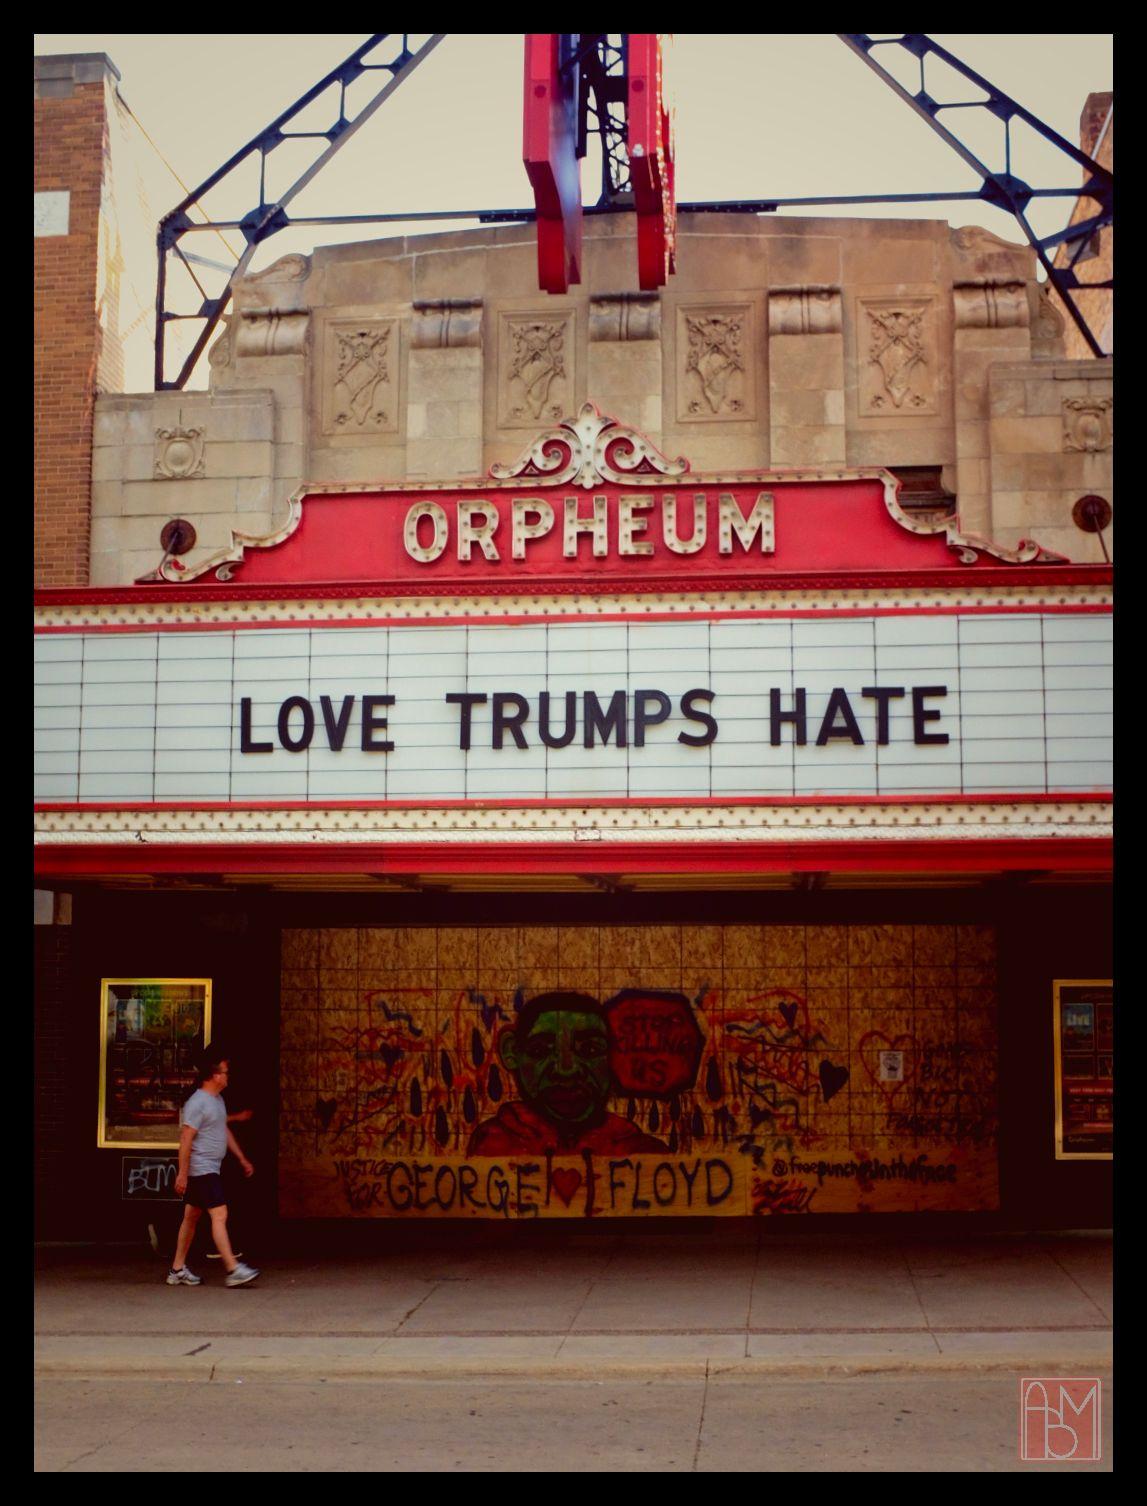 Love trumps.